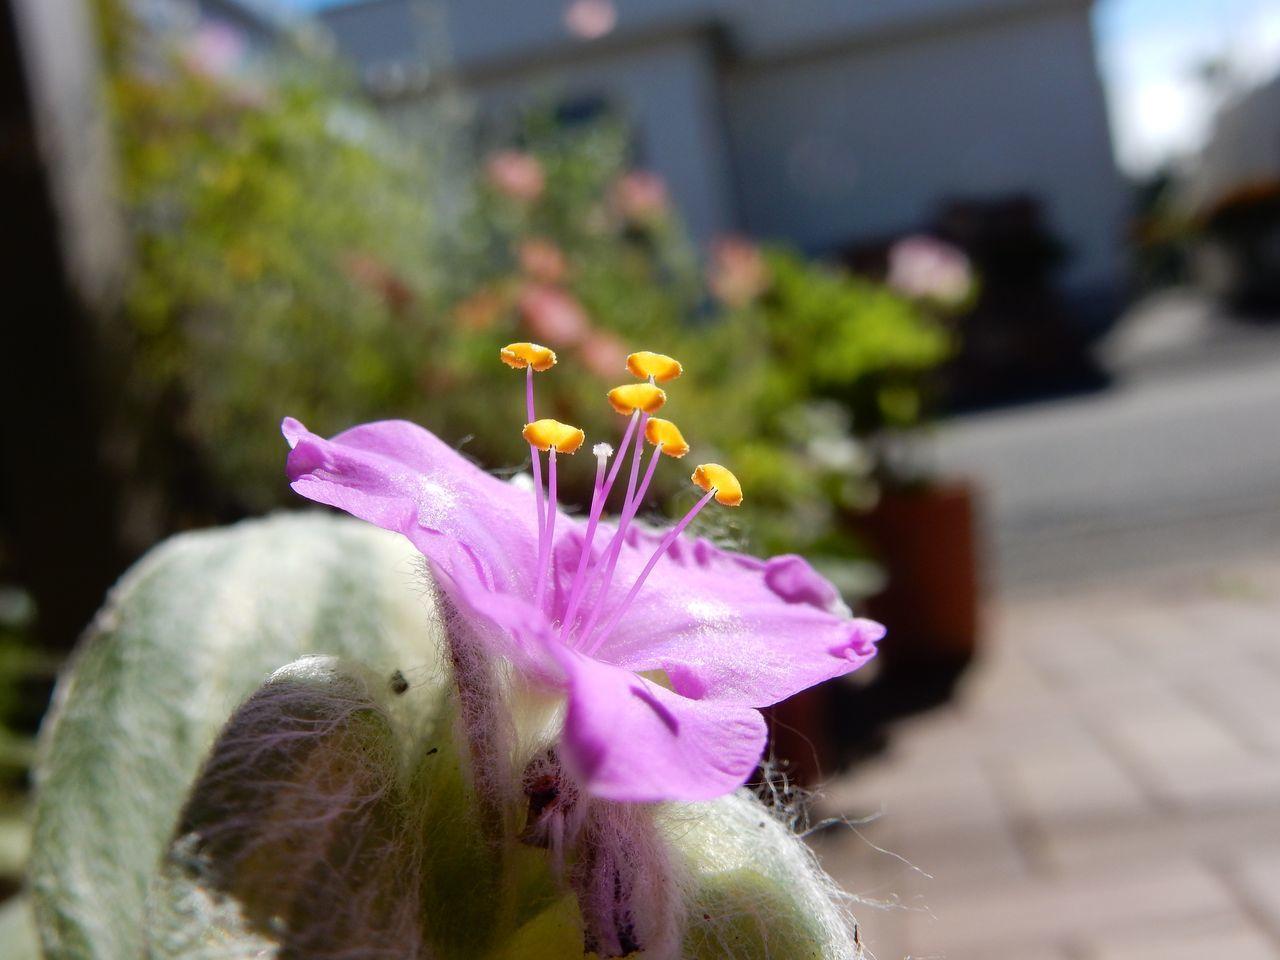 多くの植物は水に挿しておくだけで根が出てくる_c0025115_23242877.jpg